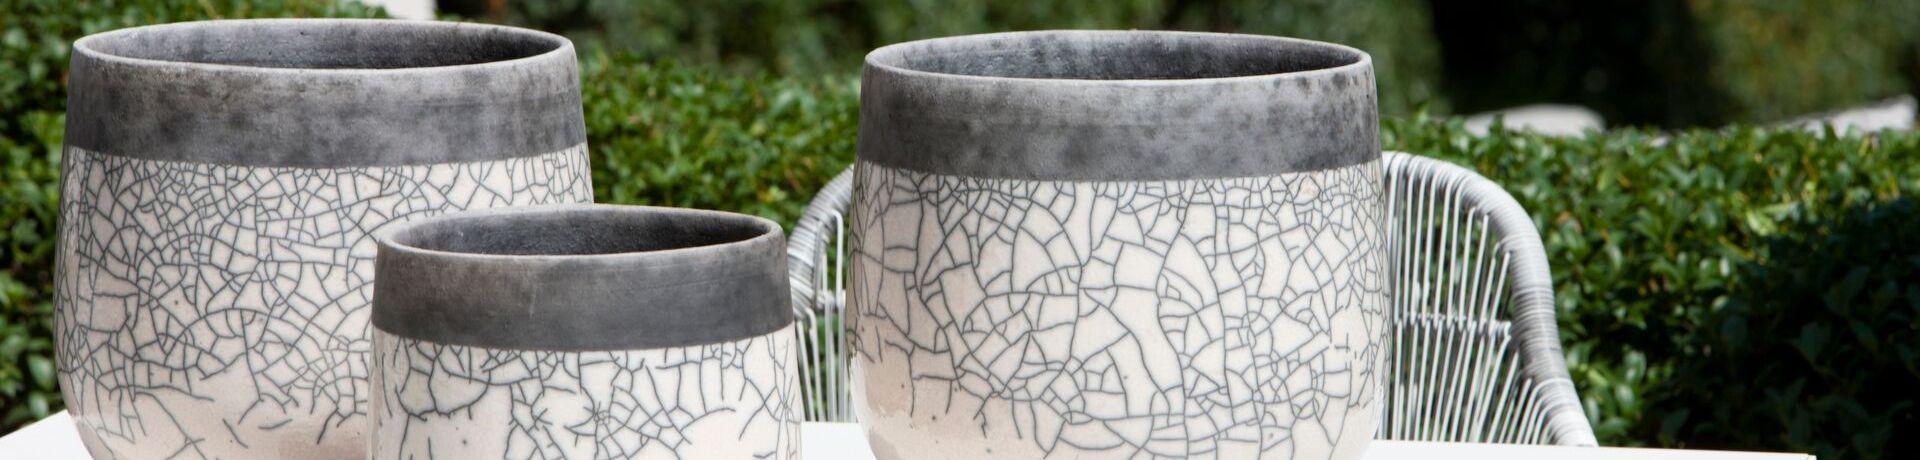 Domani stijlvolle decoratie decoratie outdoor living originele vazen